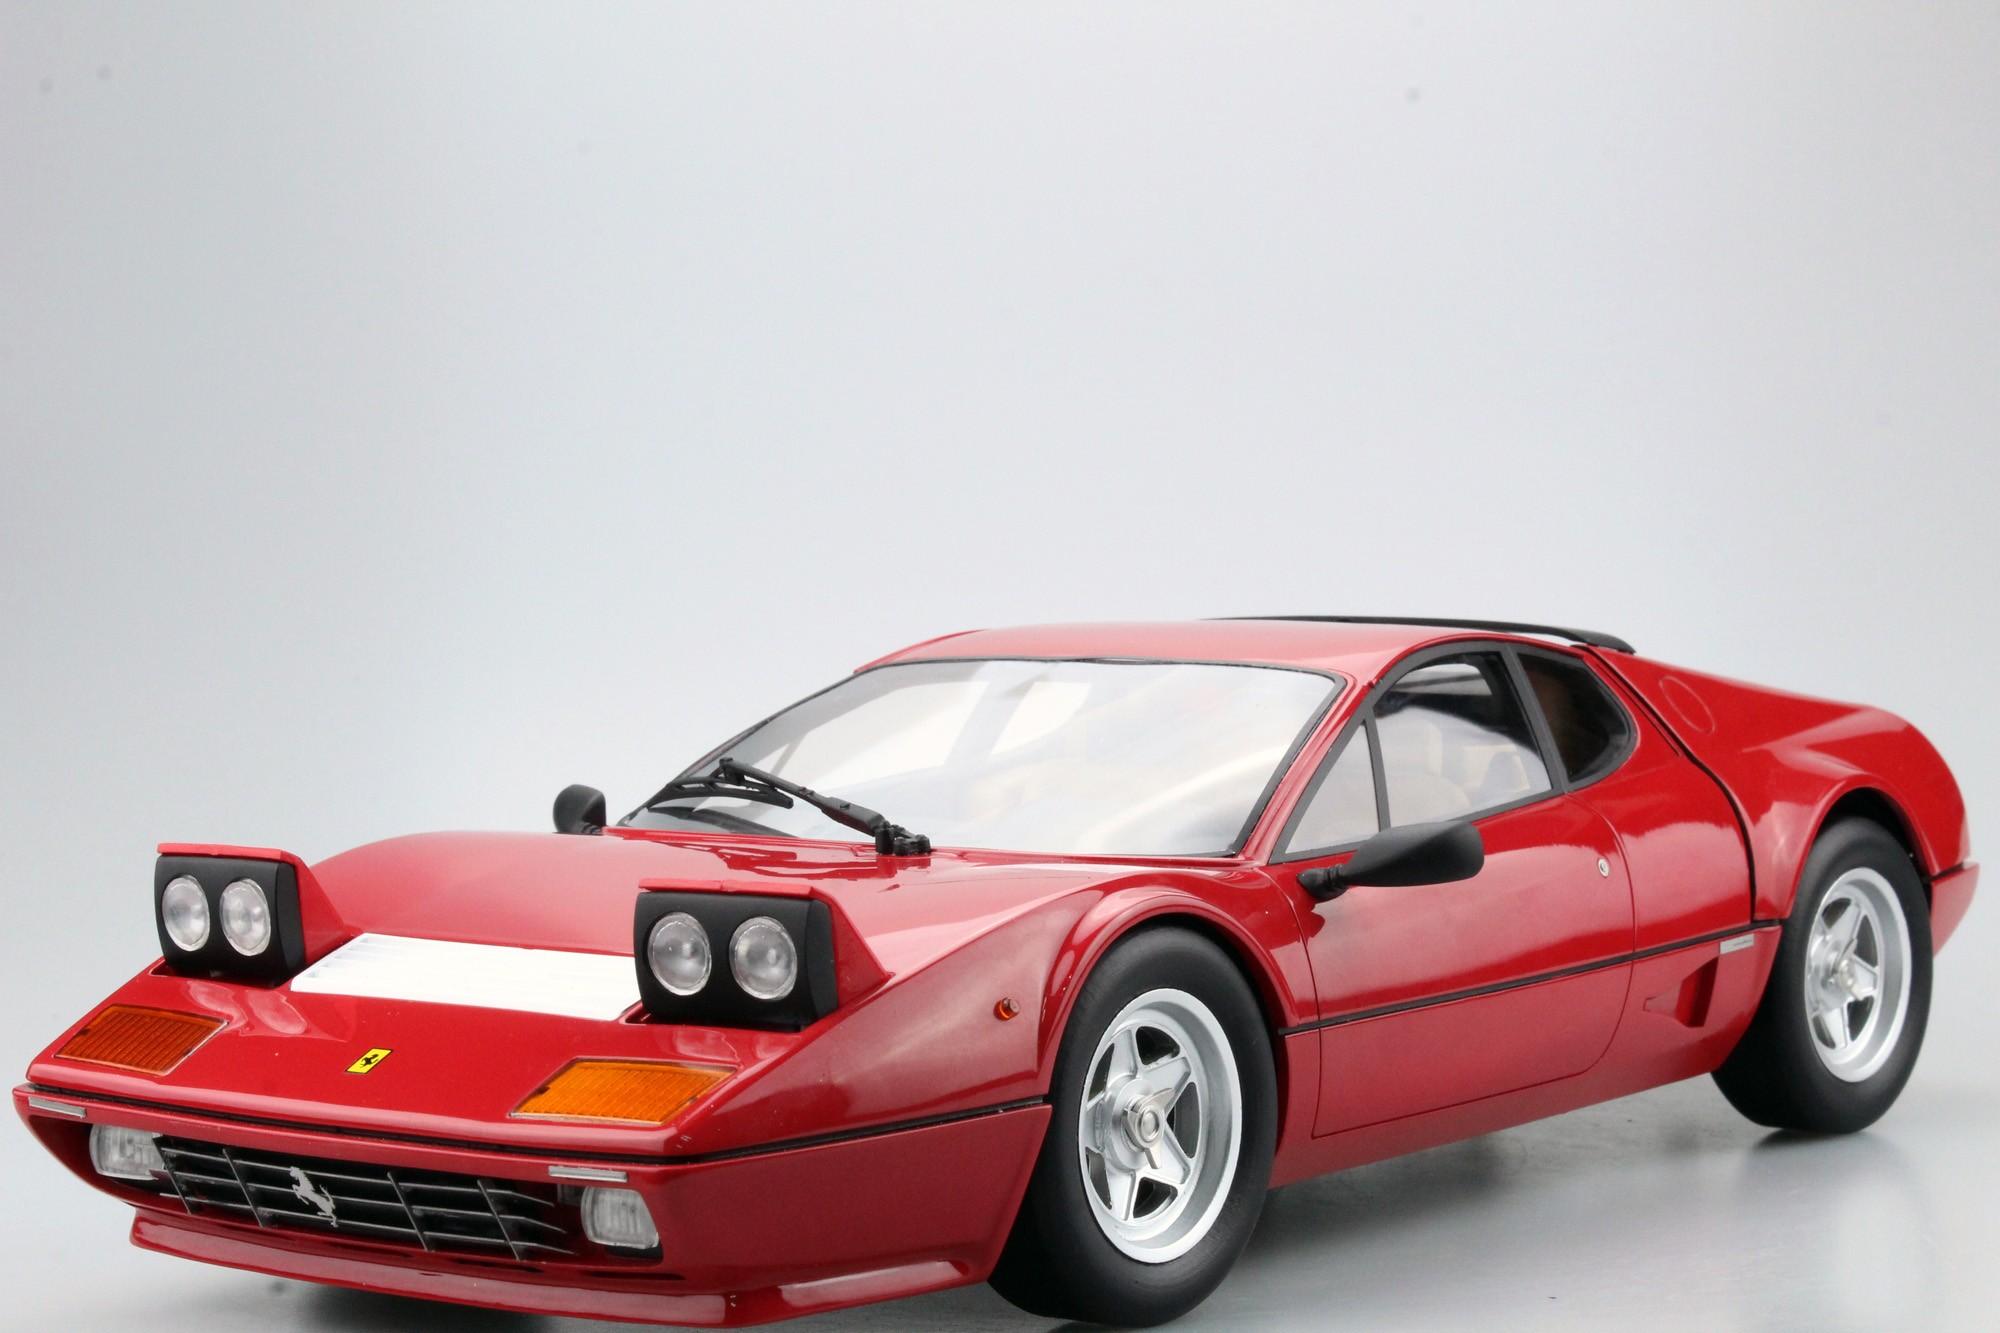 Top Marques Collectibles Ferrari 512 Bbi 1 12 Rot Tm12 09a